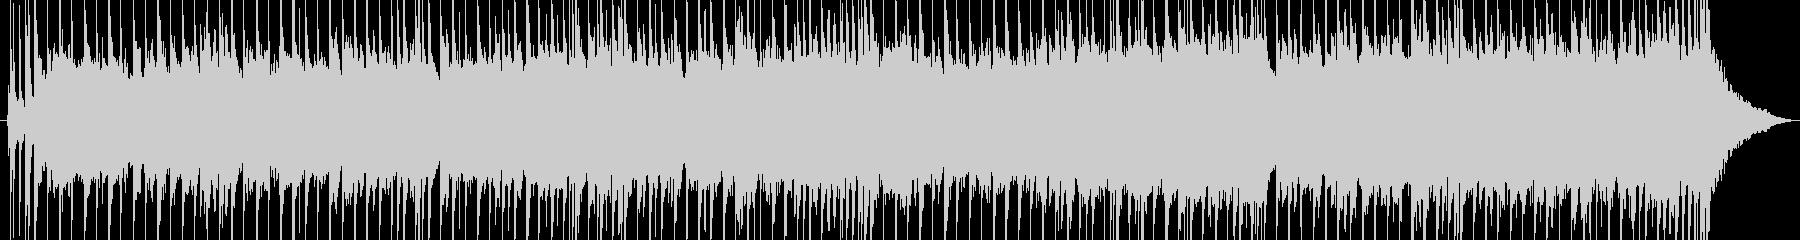 エレキギターによるバラードの未再生の波形